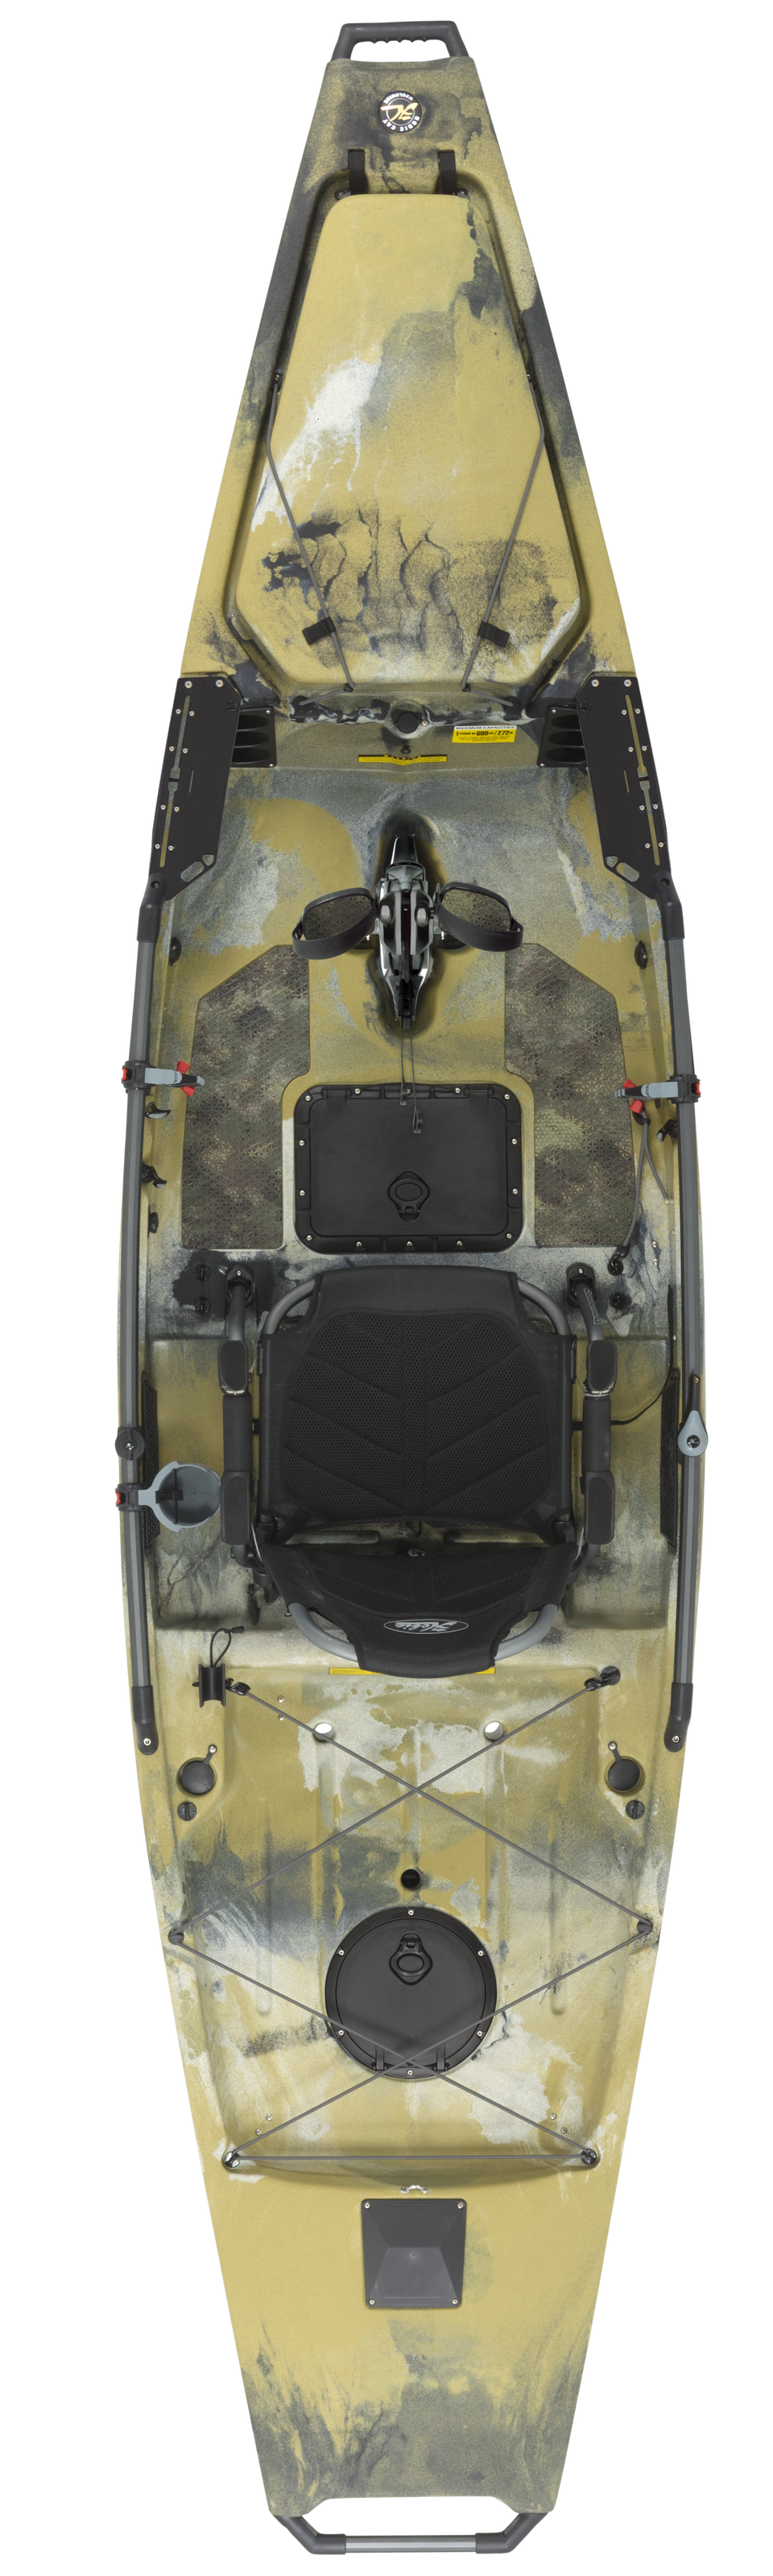 Image of 2021 Hobie Pro Angler 14